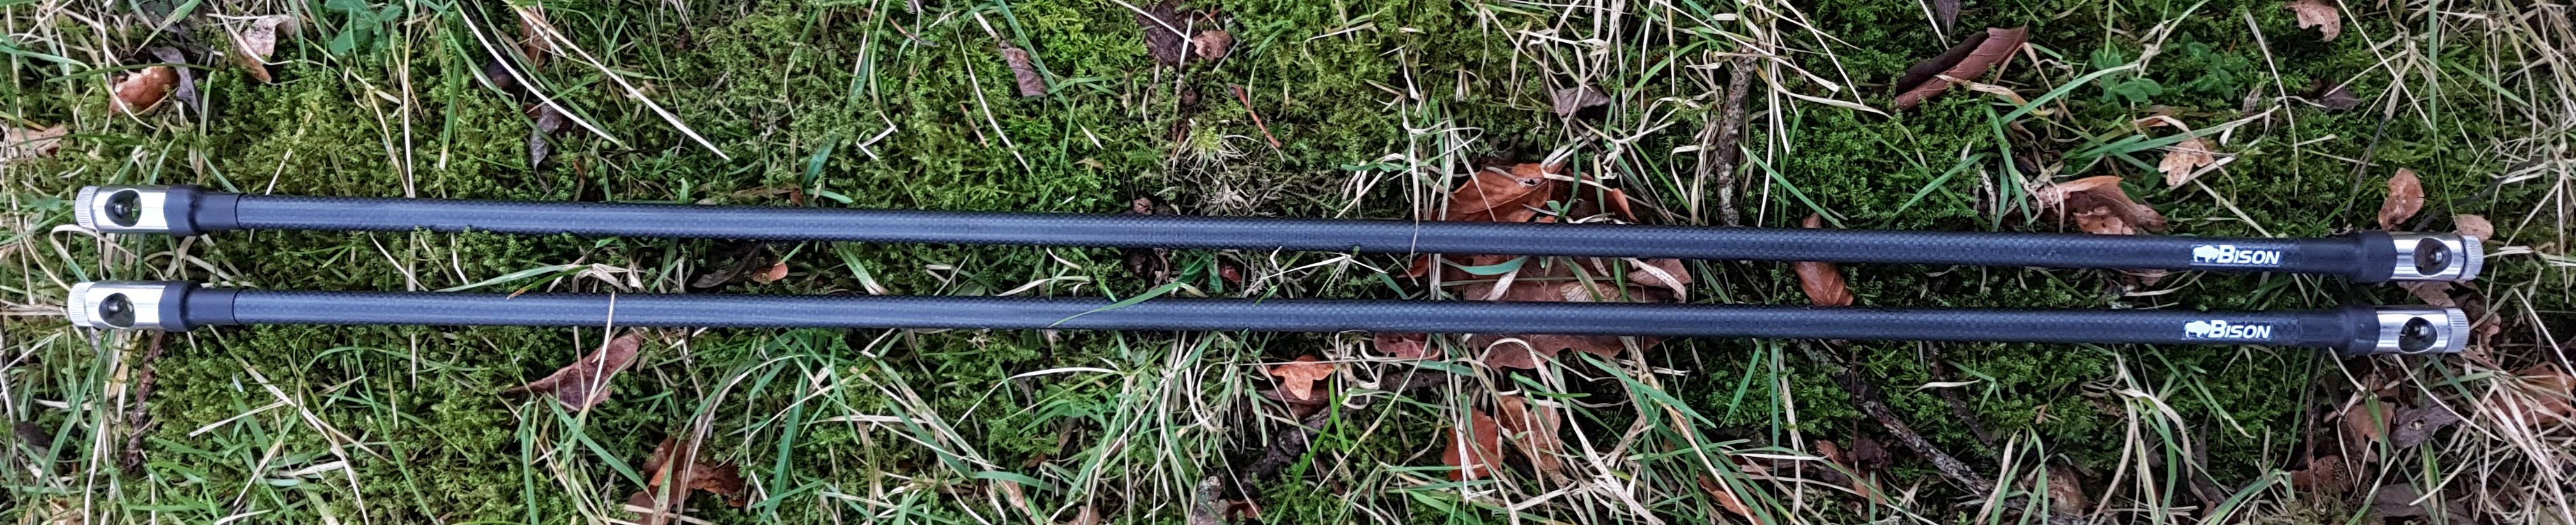 Nouveau en acier inoxydable Bankstick stabilisateur banque stick stabiliser rodpod supports à cannes